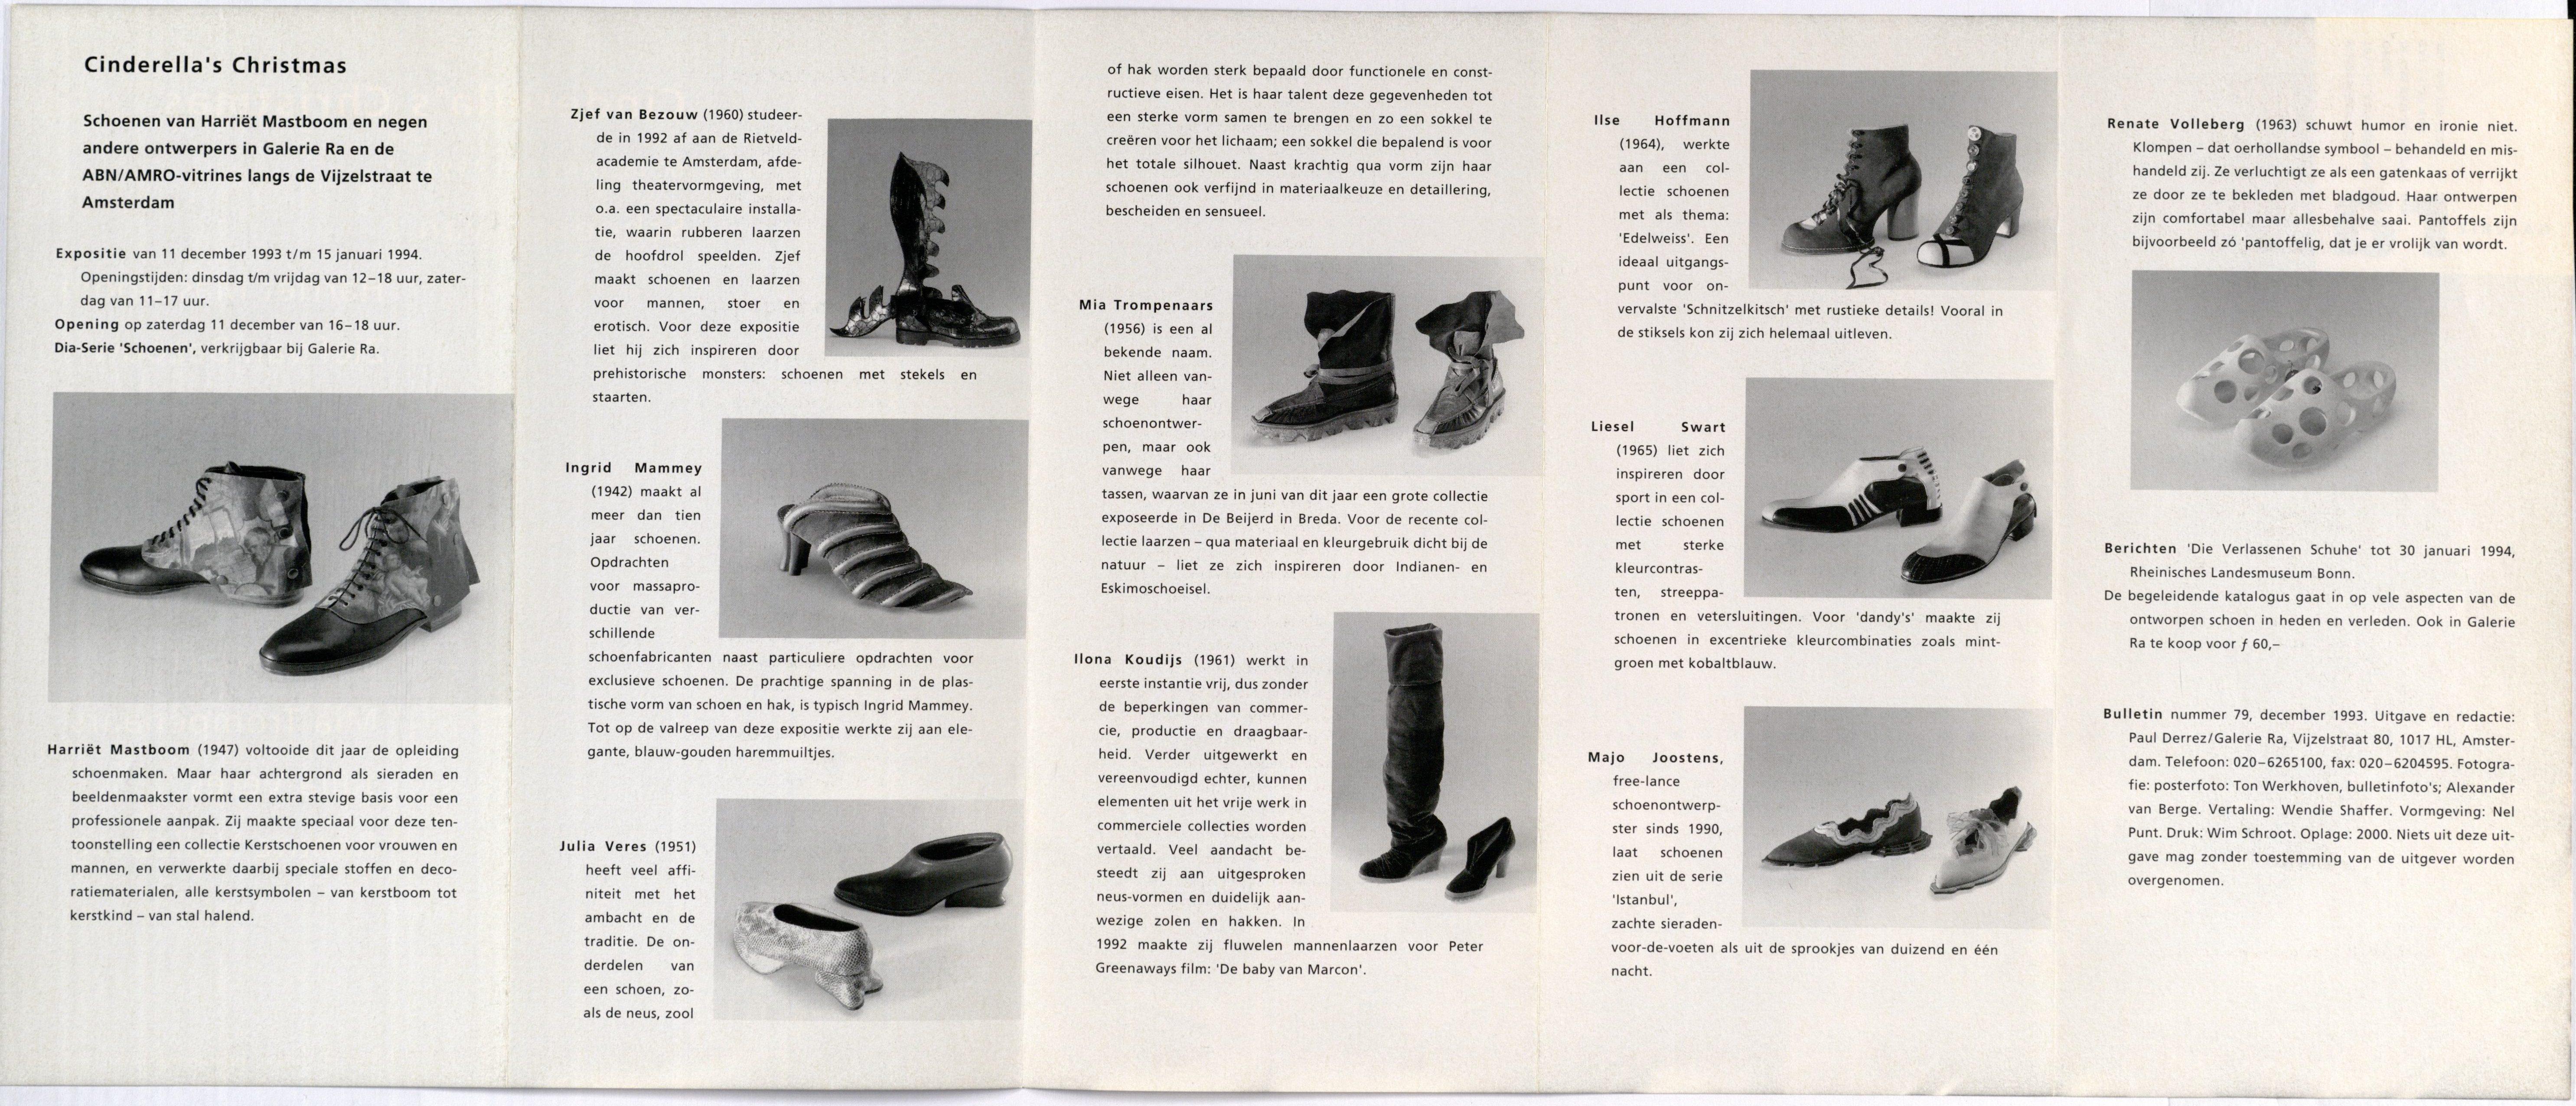 Ra Bulletin 79, december 1993, achterzijde met tekst en foto's van Alexander van Berge, drukwerk, papier, schoenen, leer, textiel, Harriët Mastboom